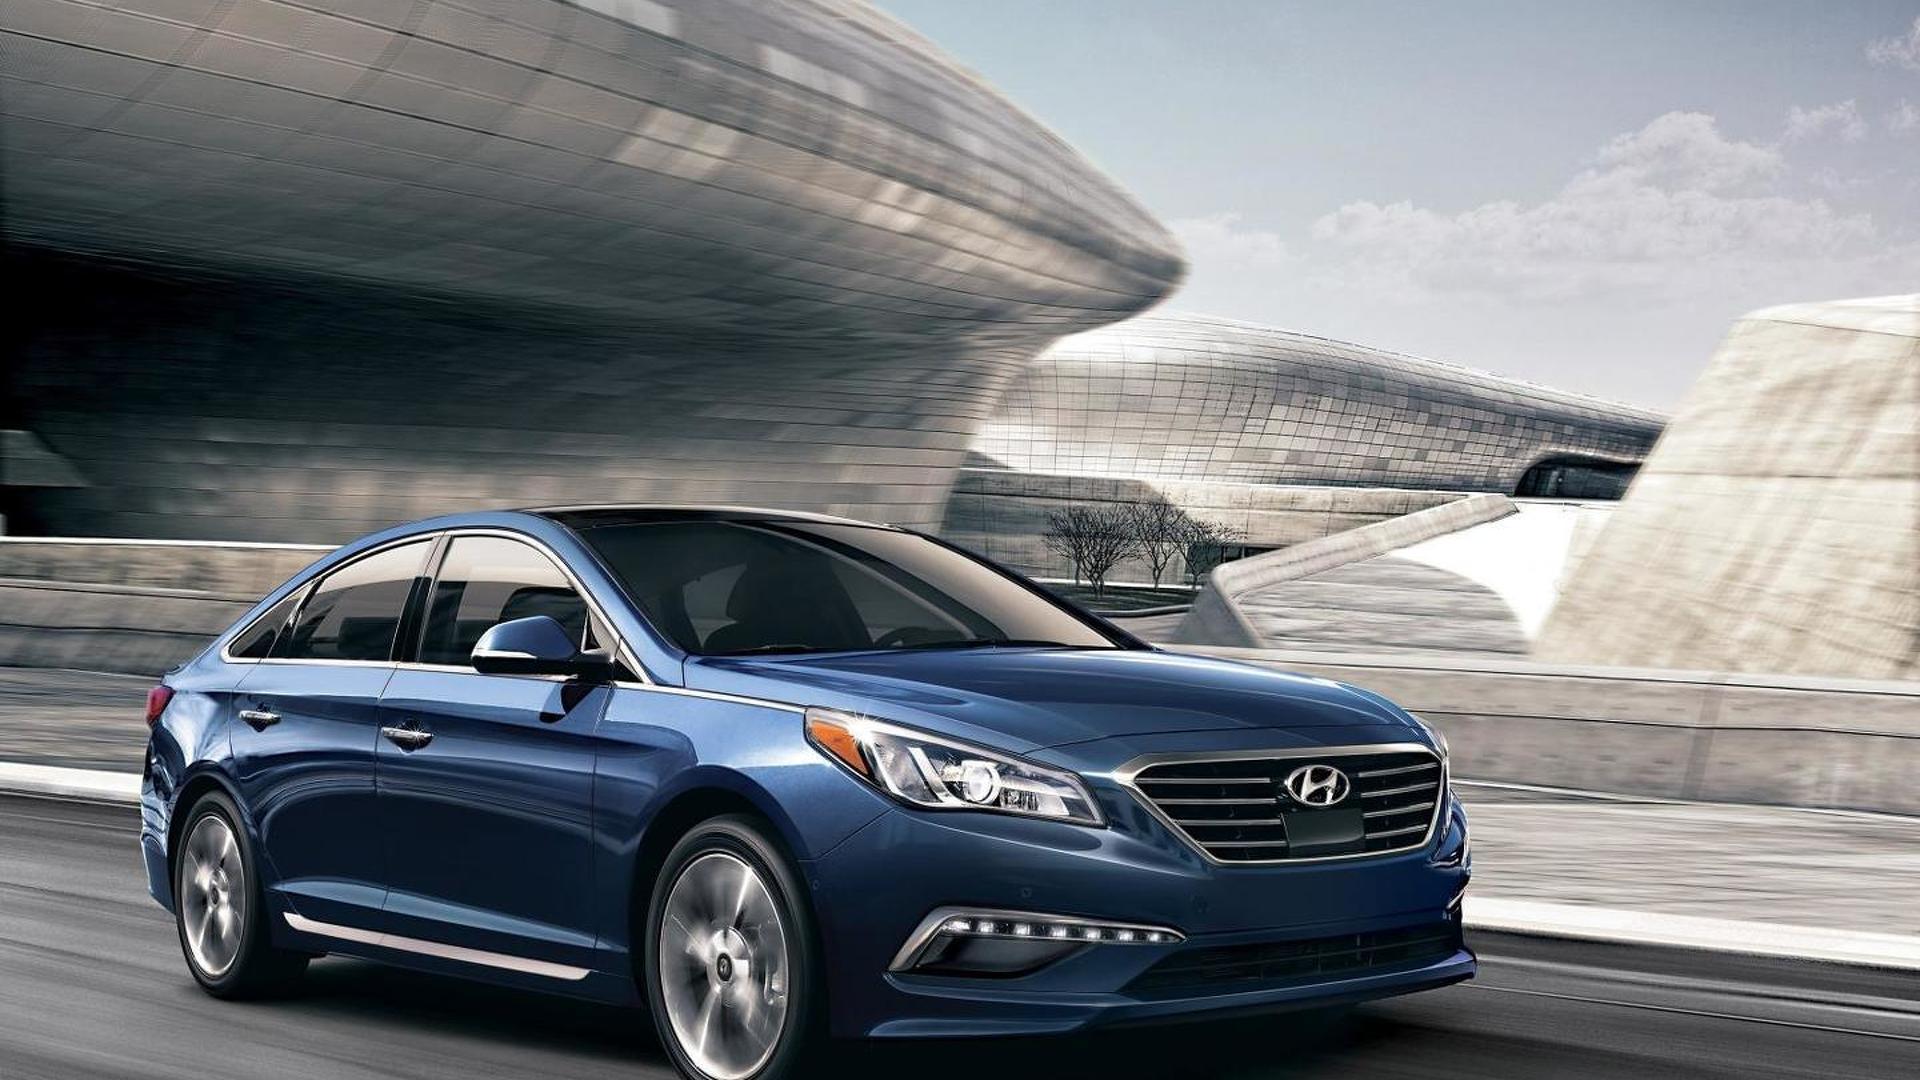 2016 Hyundai Sonata unveiled, gains new equipment & aluminum suspension components